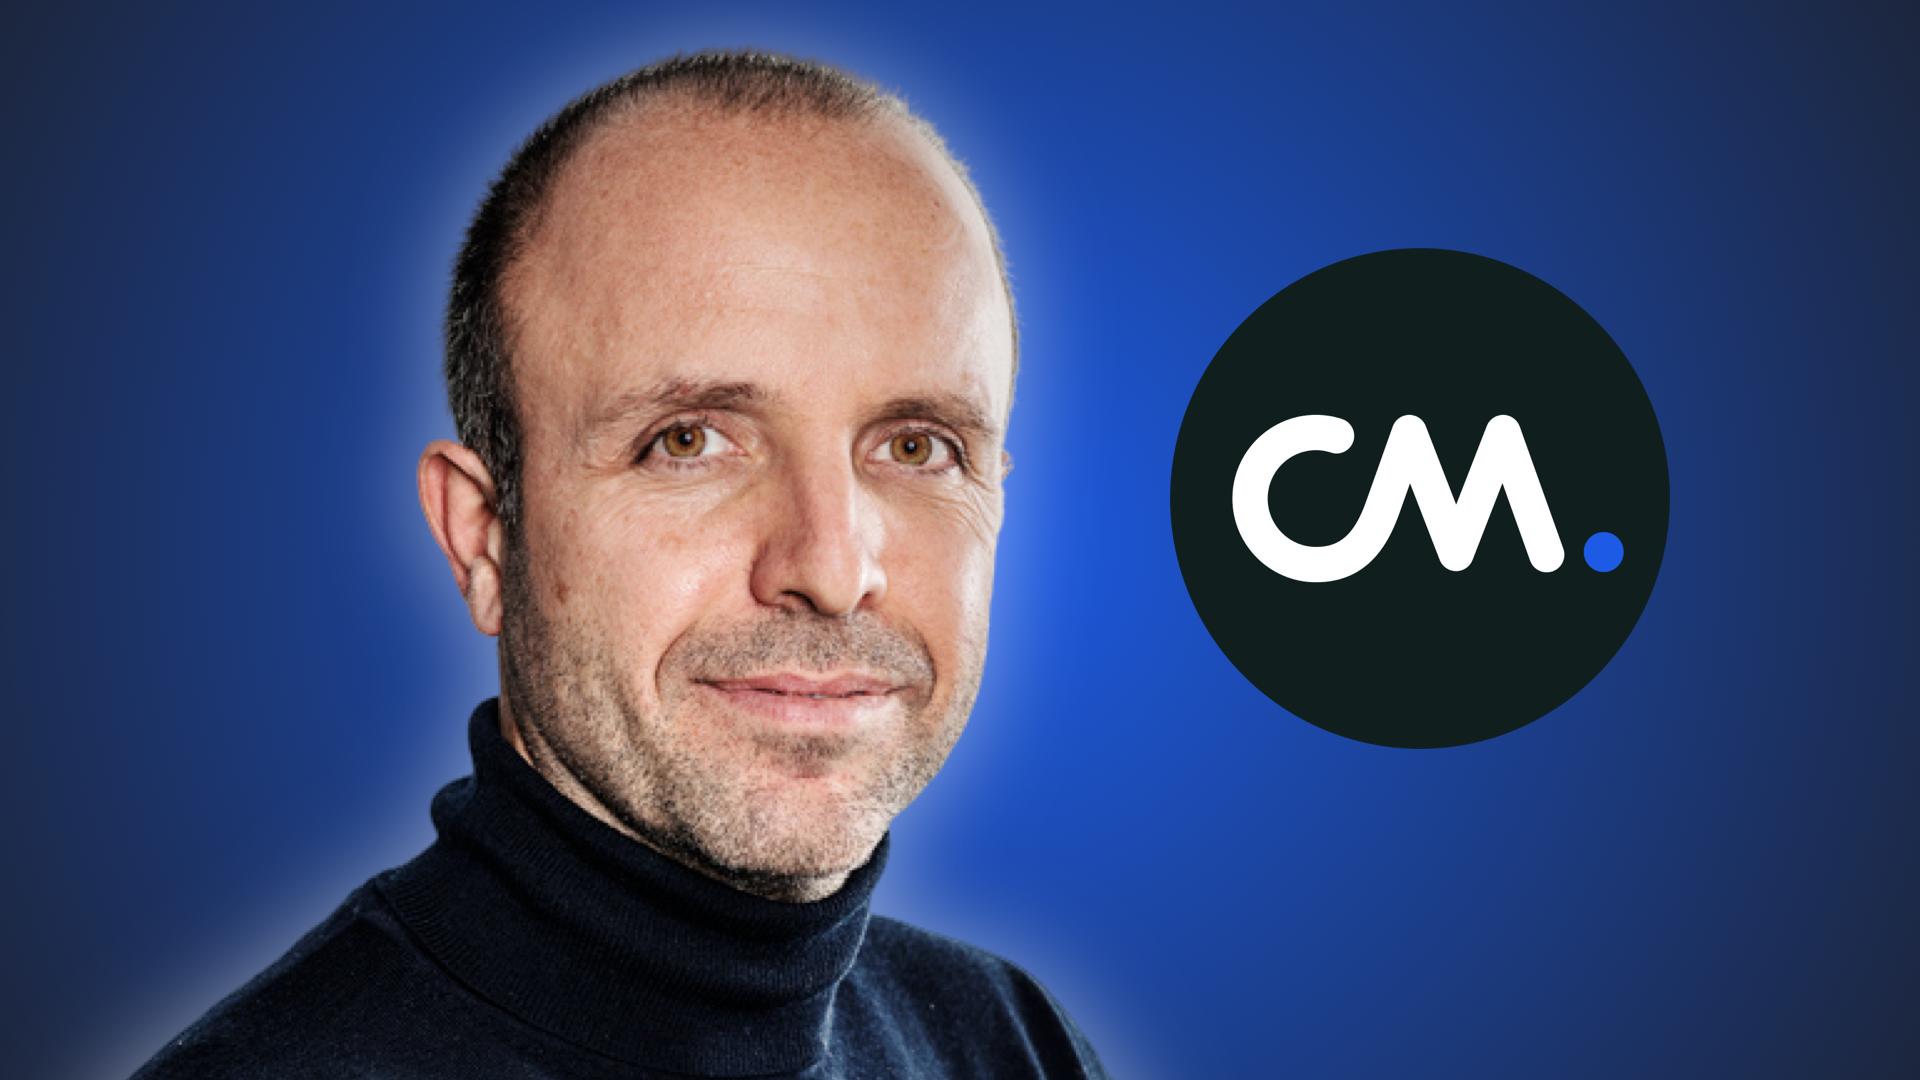 Jérémy Delrue, CM.com : « En temps de crise, la conversation contribue fortement à la ré-assurance des clients »